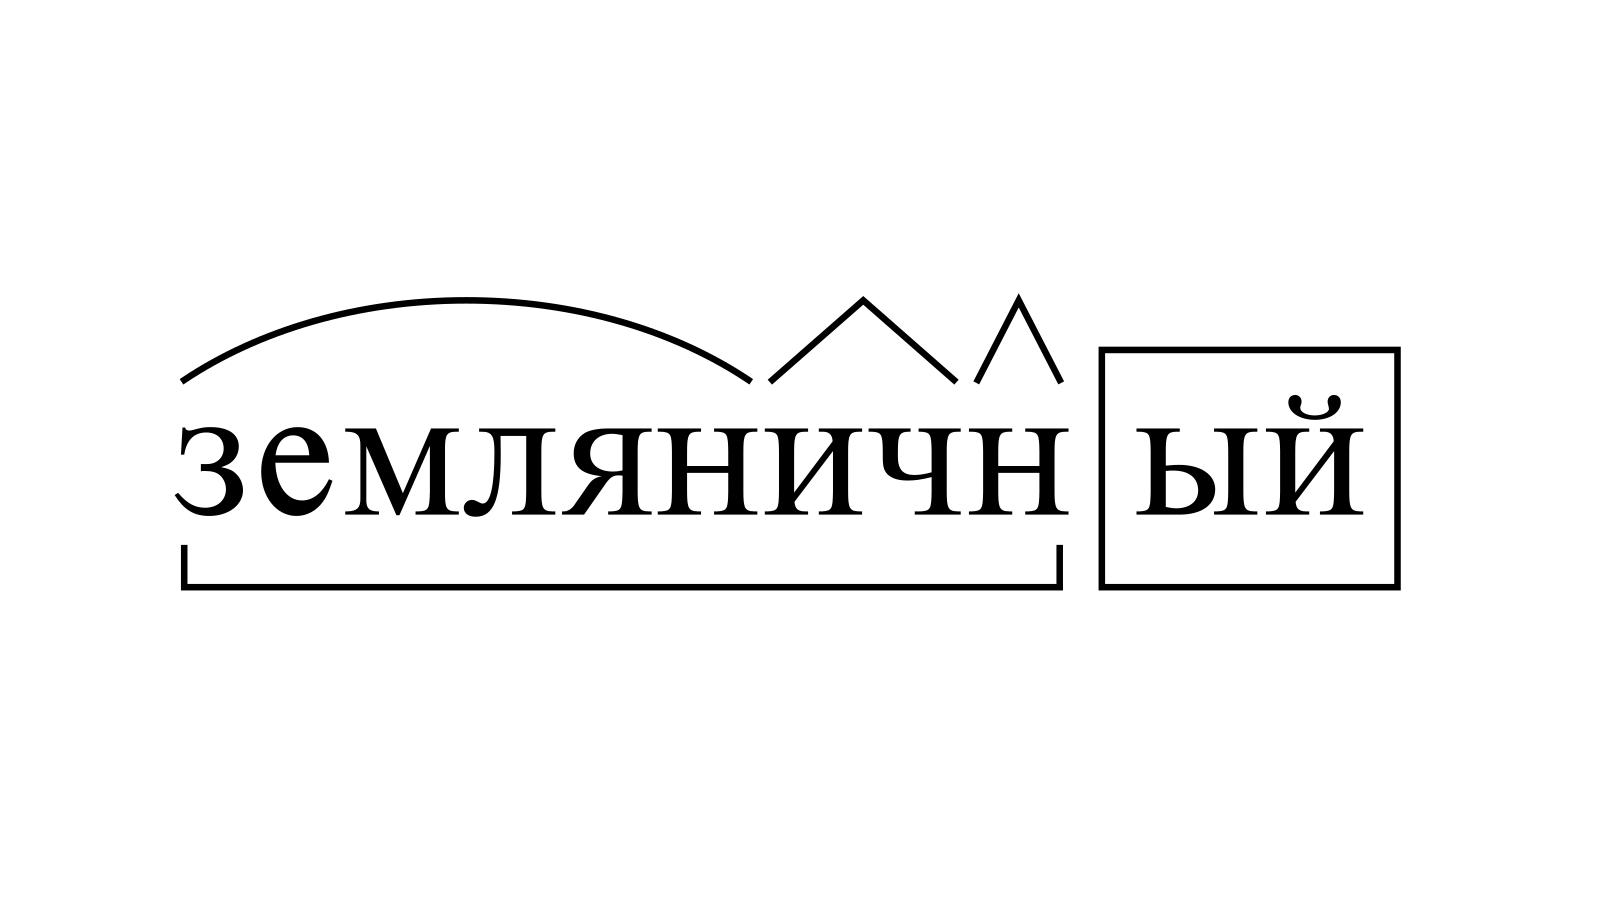 Разбор слова «земляничный» по составу